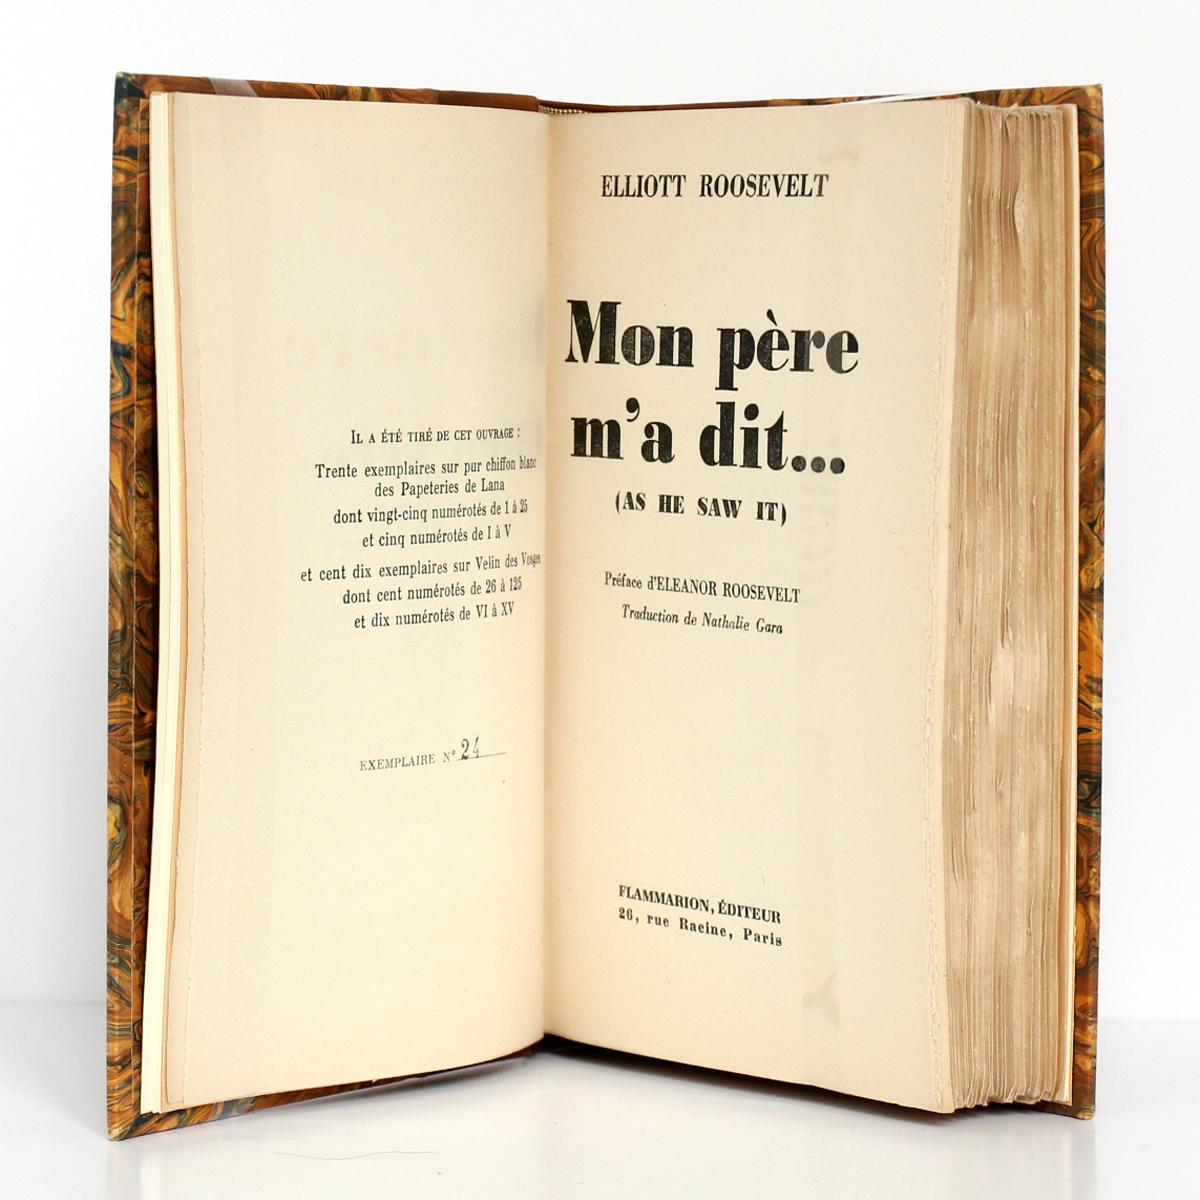 Mon père m'a dit… Elliott Roosevelt. Flammarion, 1947. Justificatif de tirage et page titre.